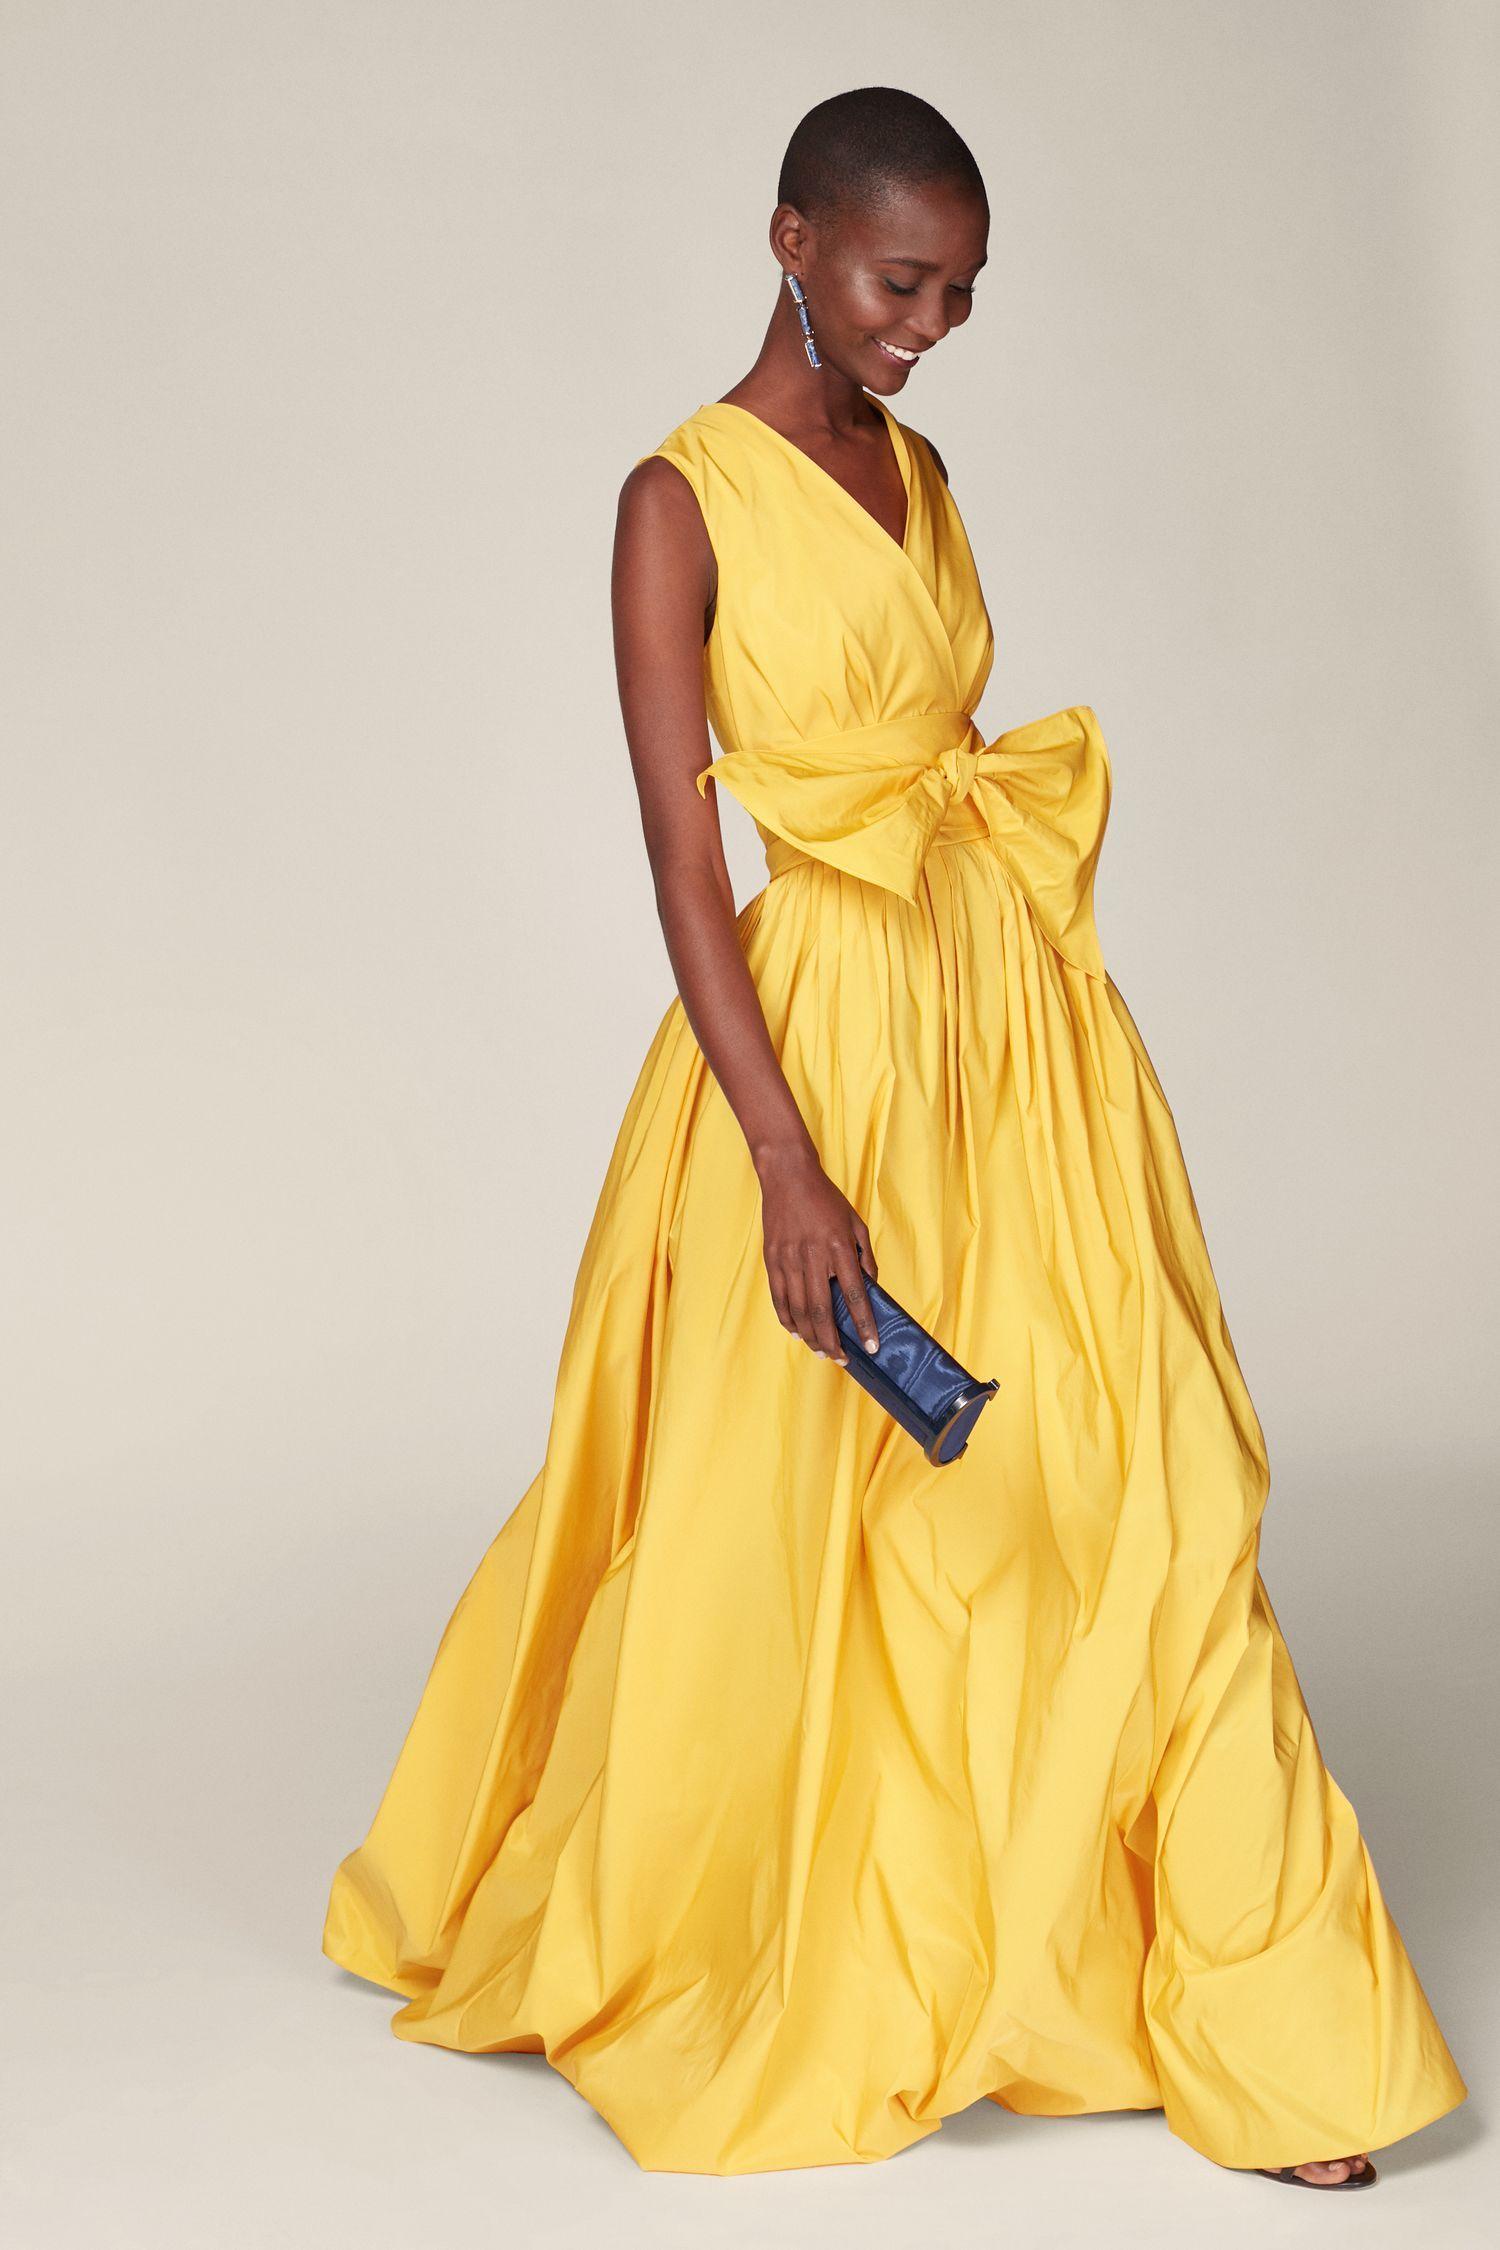 ff146f427d0402 Vestido de tafeta con lazo AMARILLO - Nueva Colección de Mujer | Nueva  Colección de Mujer